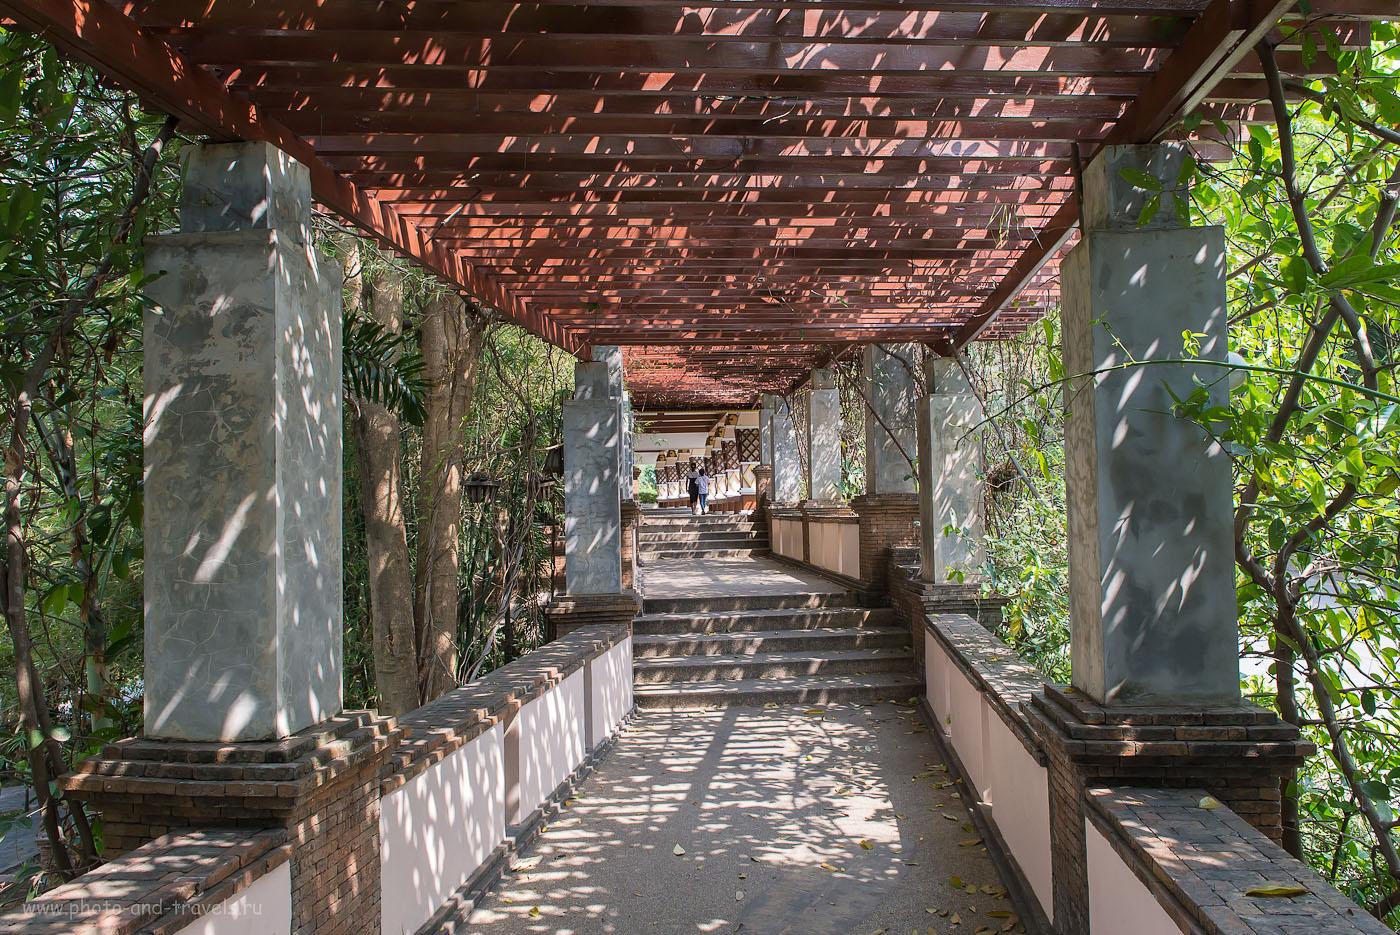 Фото 7. Галерея, ведущая к Черному Монаху. Самостоятельная экскурсии в окрестностях города Хуахин. (800, 24, 9.0, 1/100)